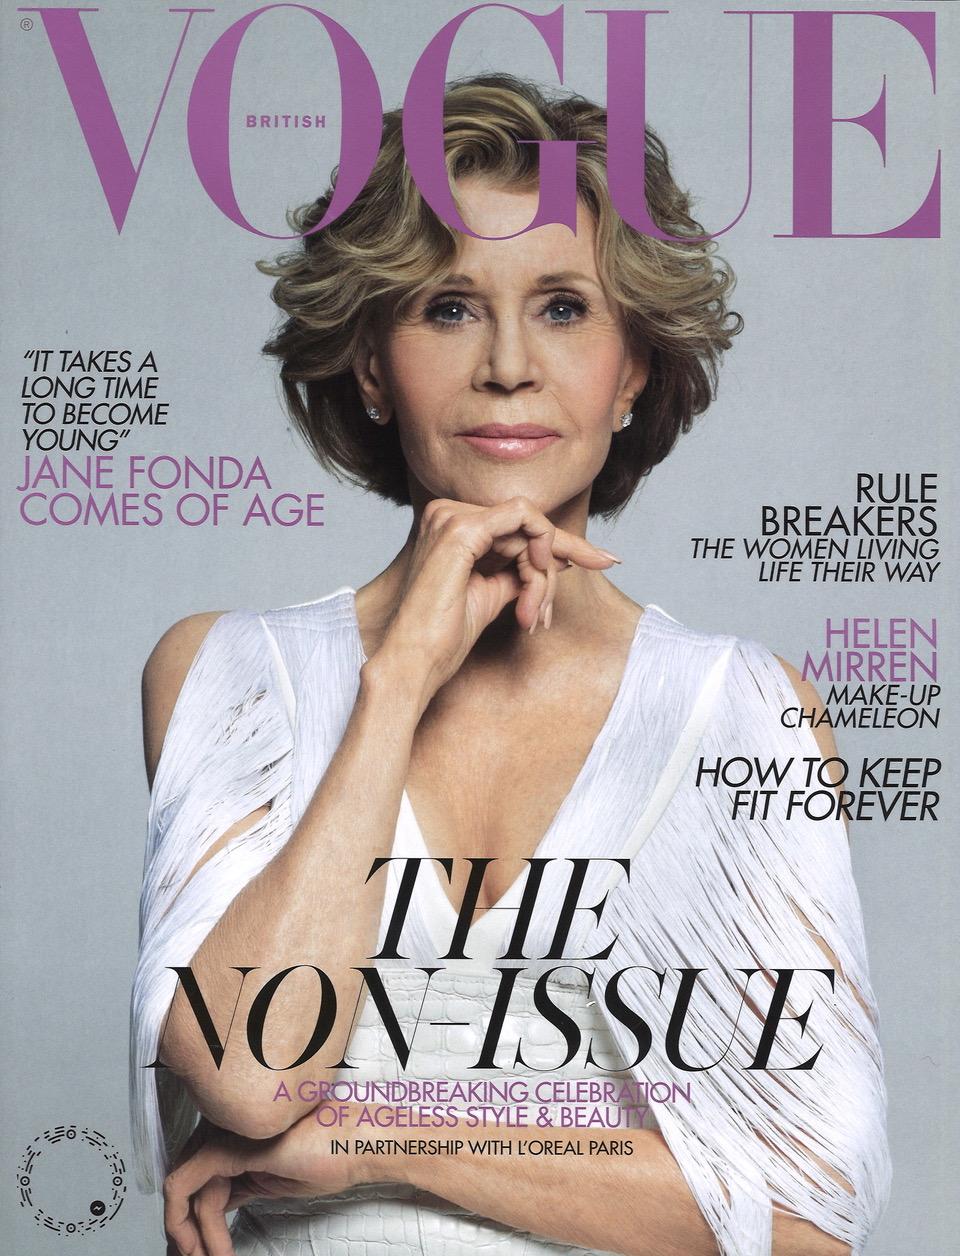 British Vogue May 2019 Cover.jpeg